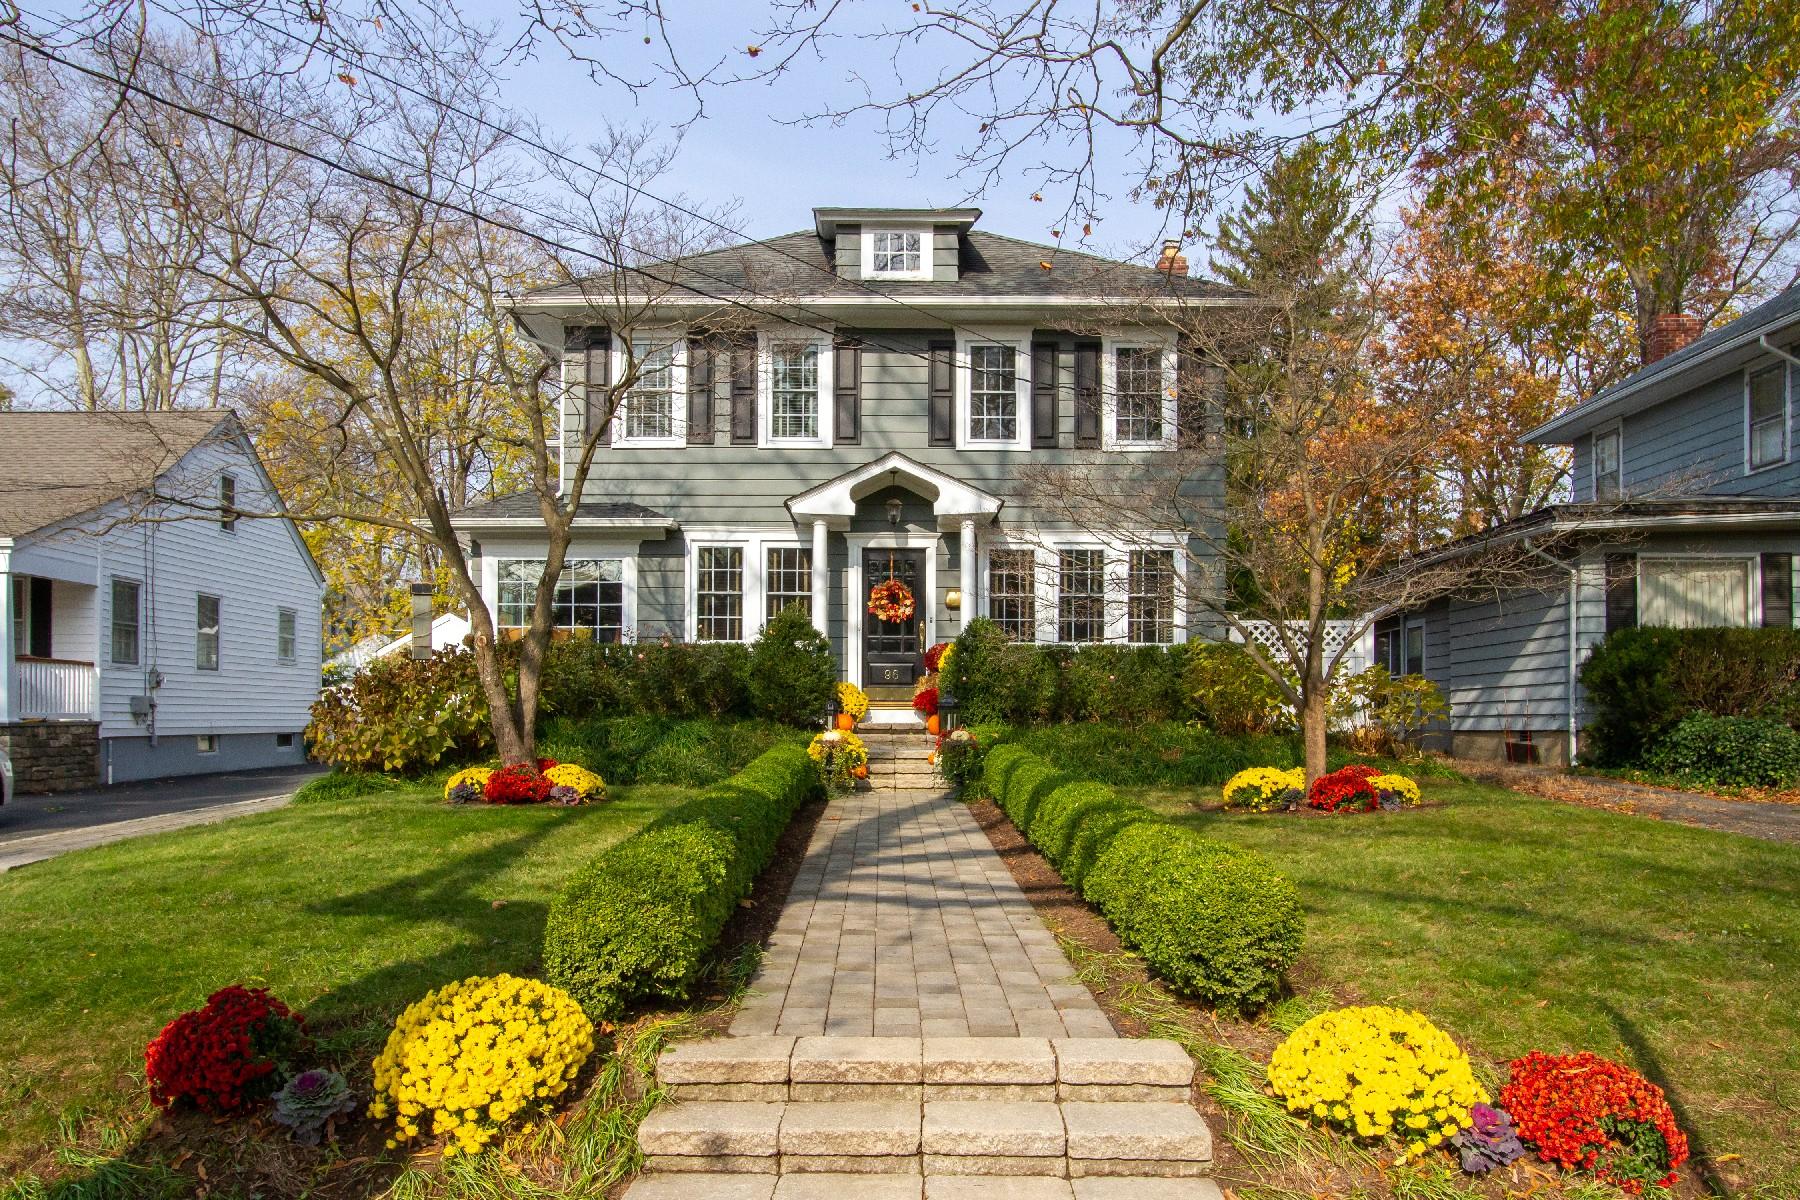 Частный односемейный дом для того Продажа на Red Bank Charmer 96 E Bergen Place, Red Bank, Нью-Джерси 07701 Соединенные Штаты